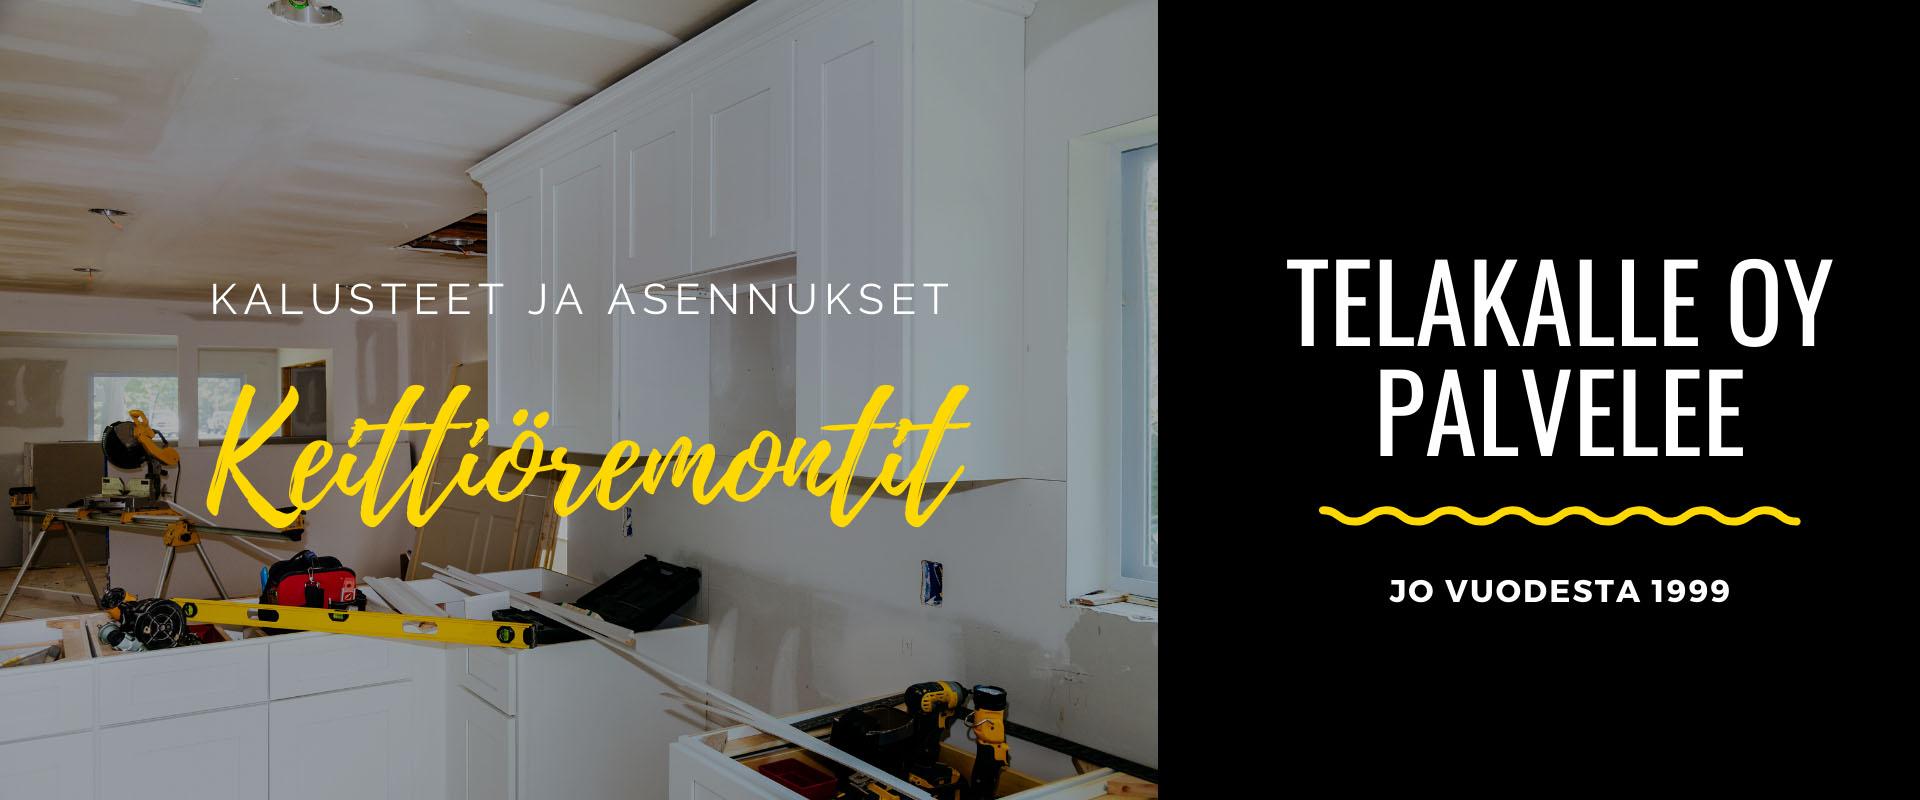 Keittiöremontit ja kalusteasennukset Tampereella • TelaKalle Oy